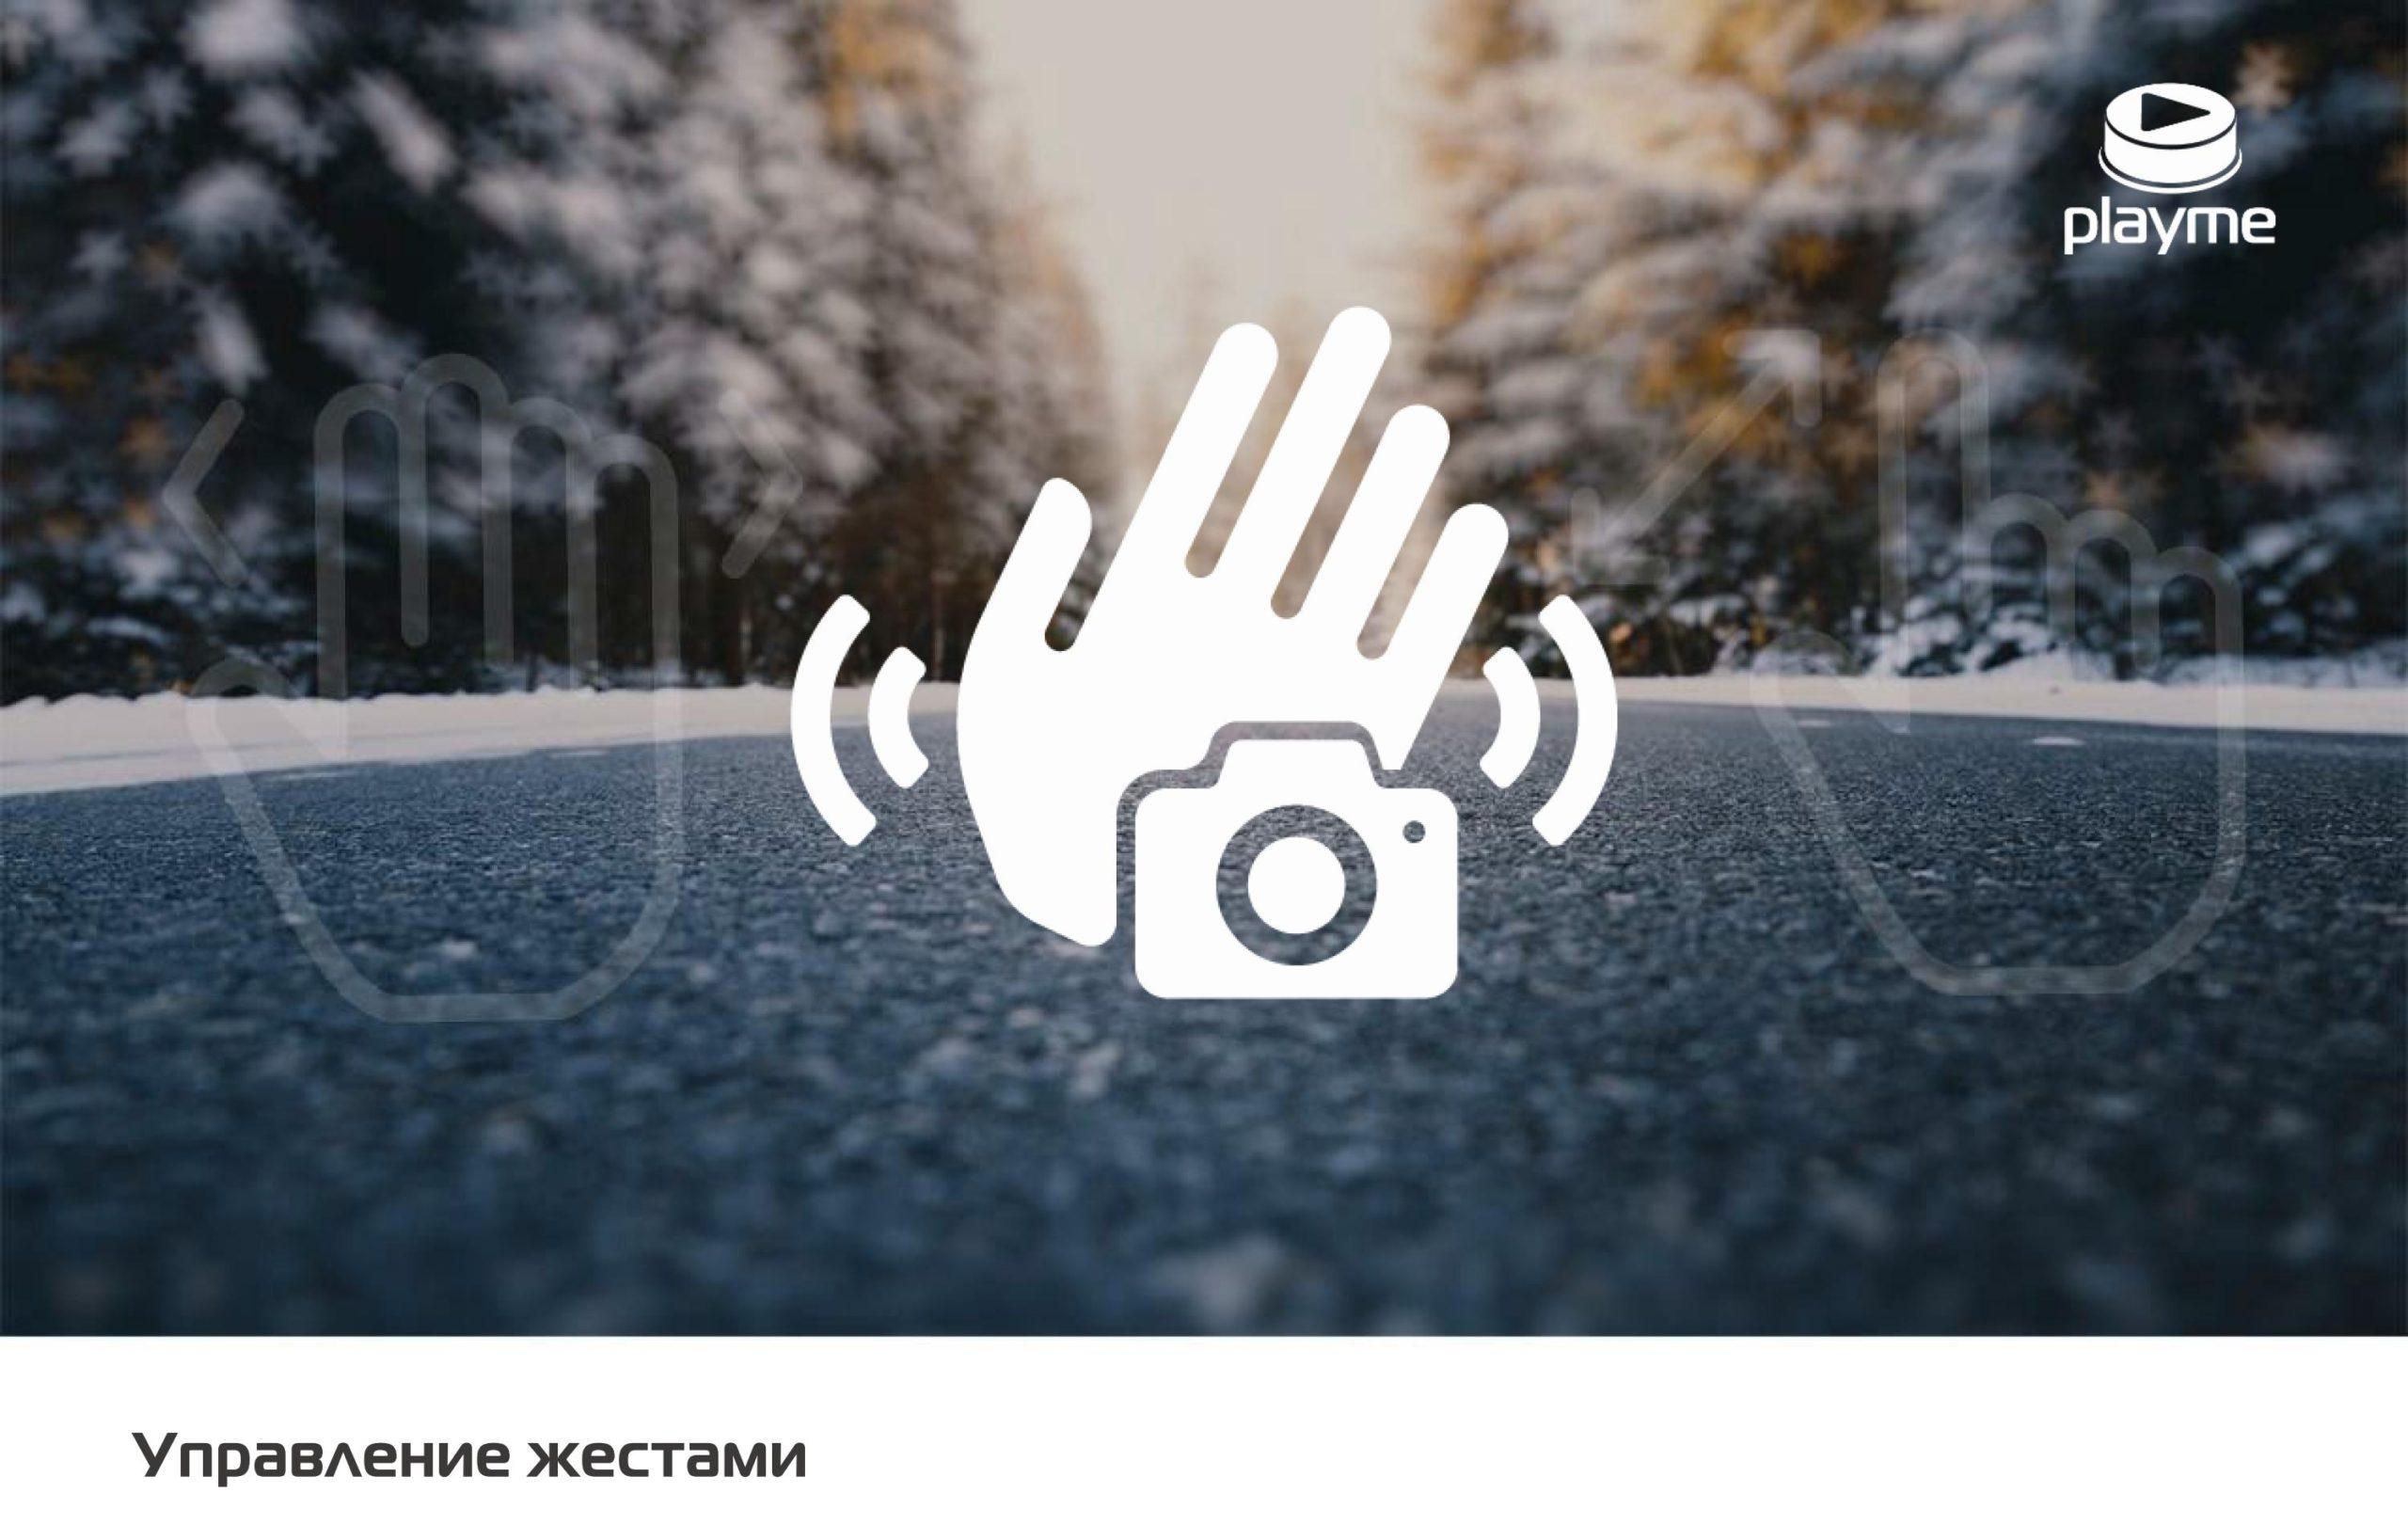 939fda55 7e05 4889 b3d8 4805533a64a6 scaled VideoregObzor Новый видеорегистратор Playme TIO S доступен к заказу